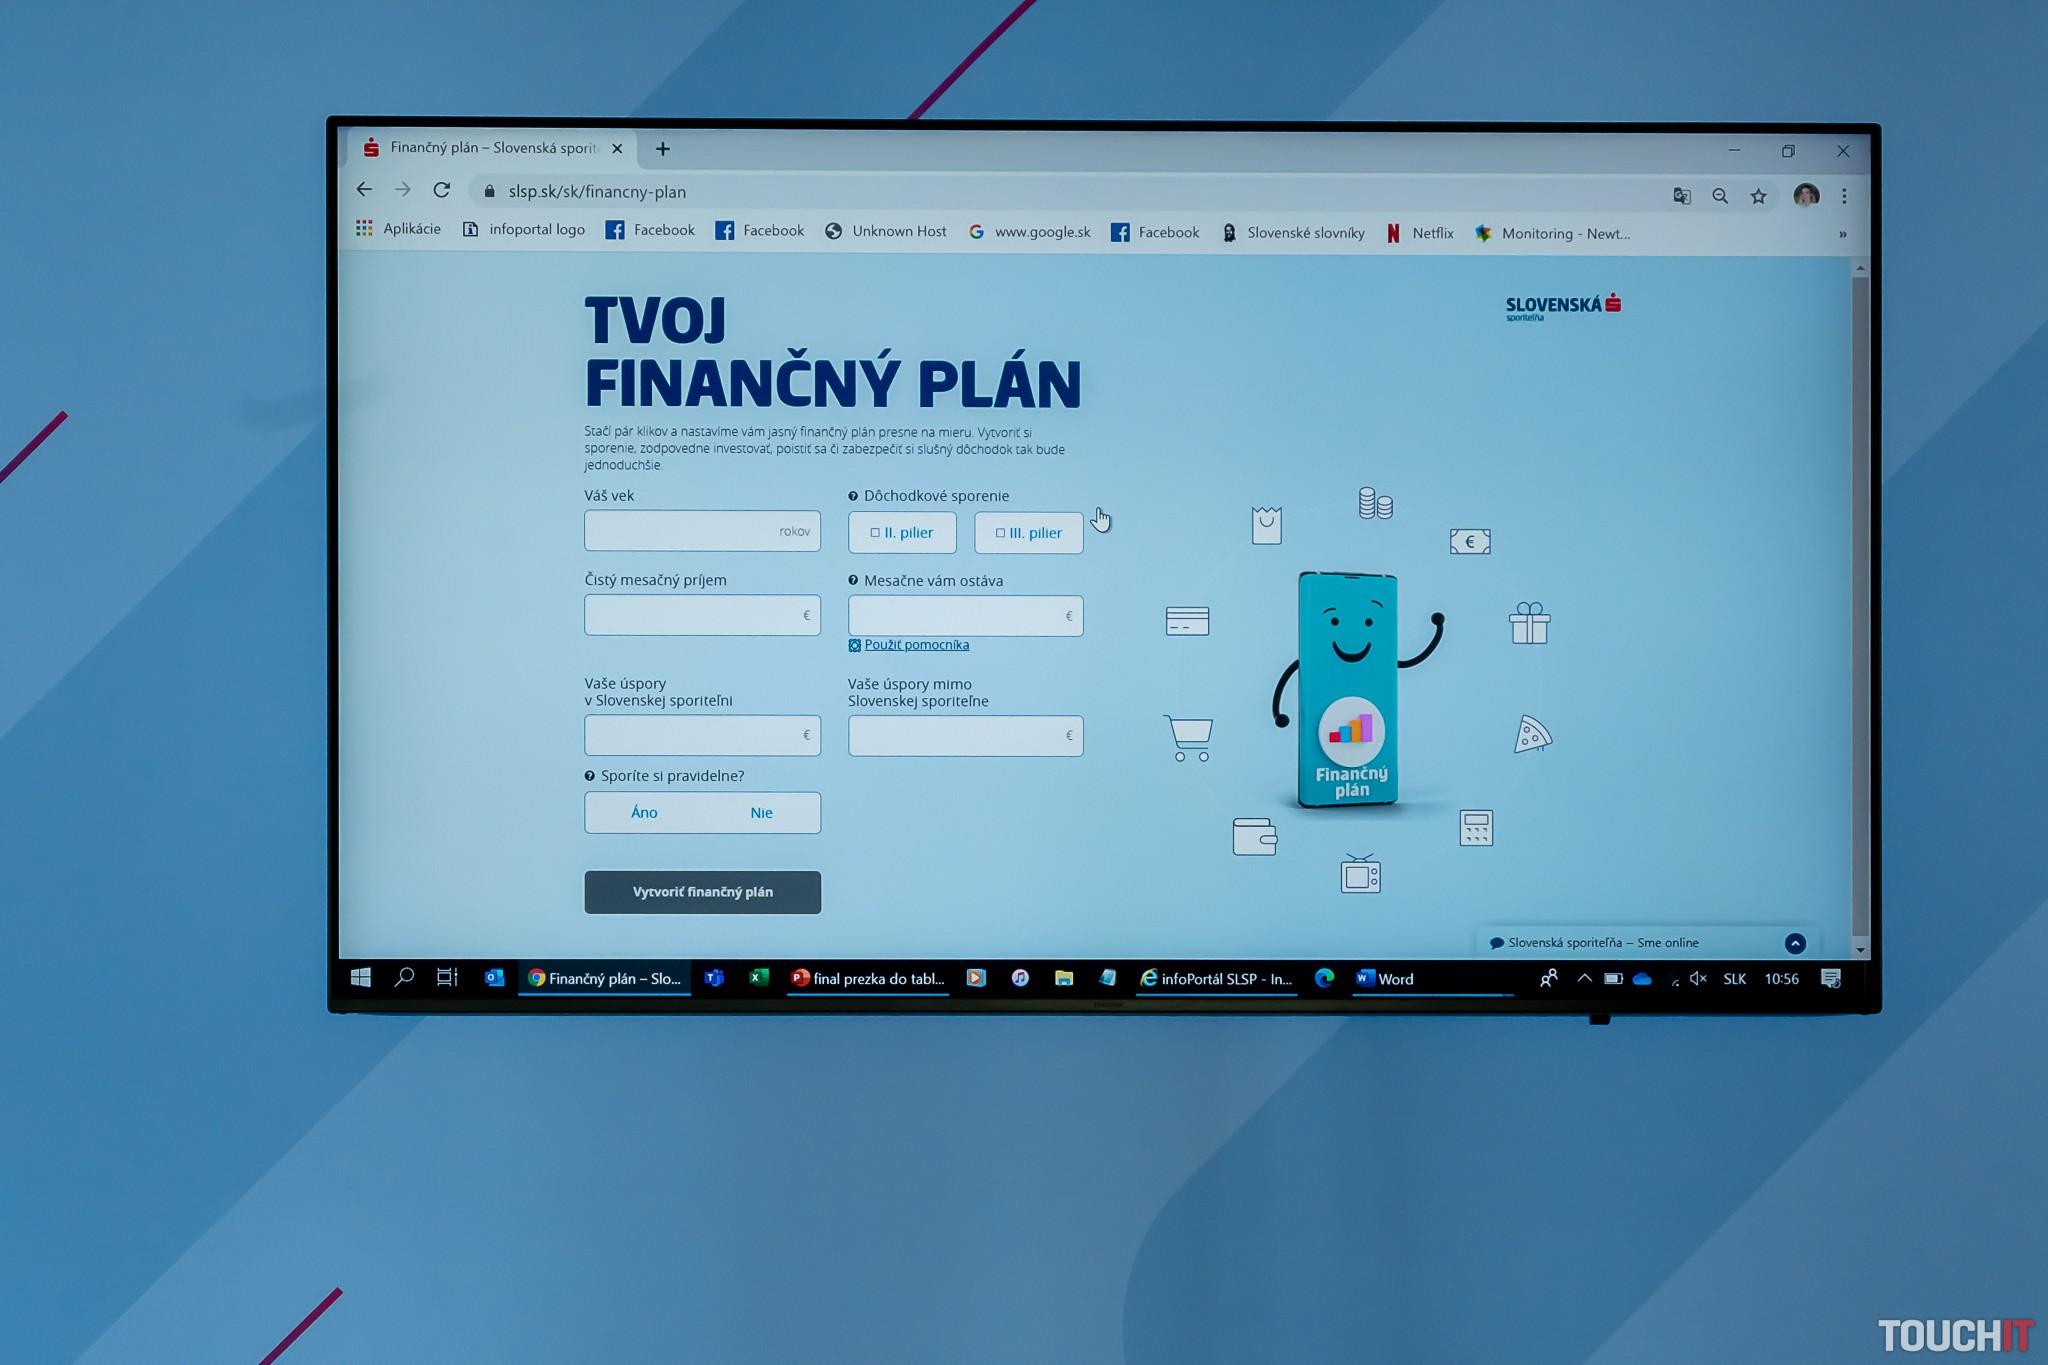 Finančný plán od Slovenskej sporiteľni